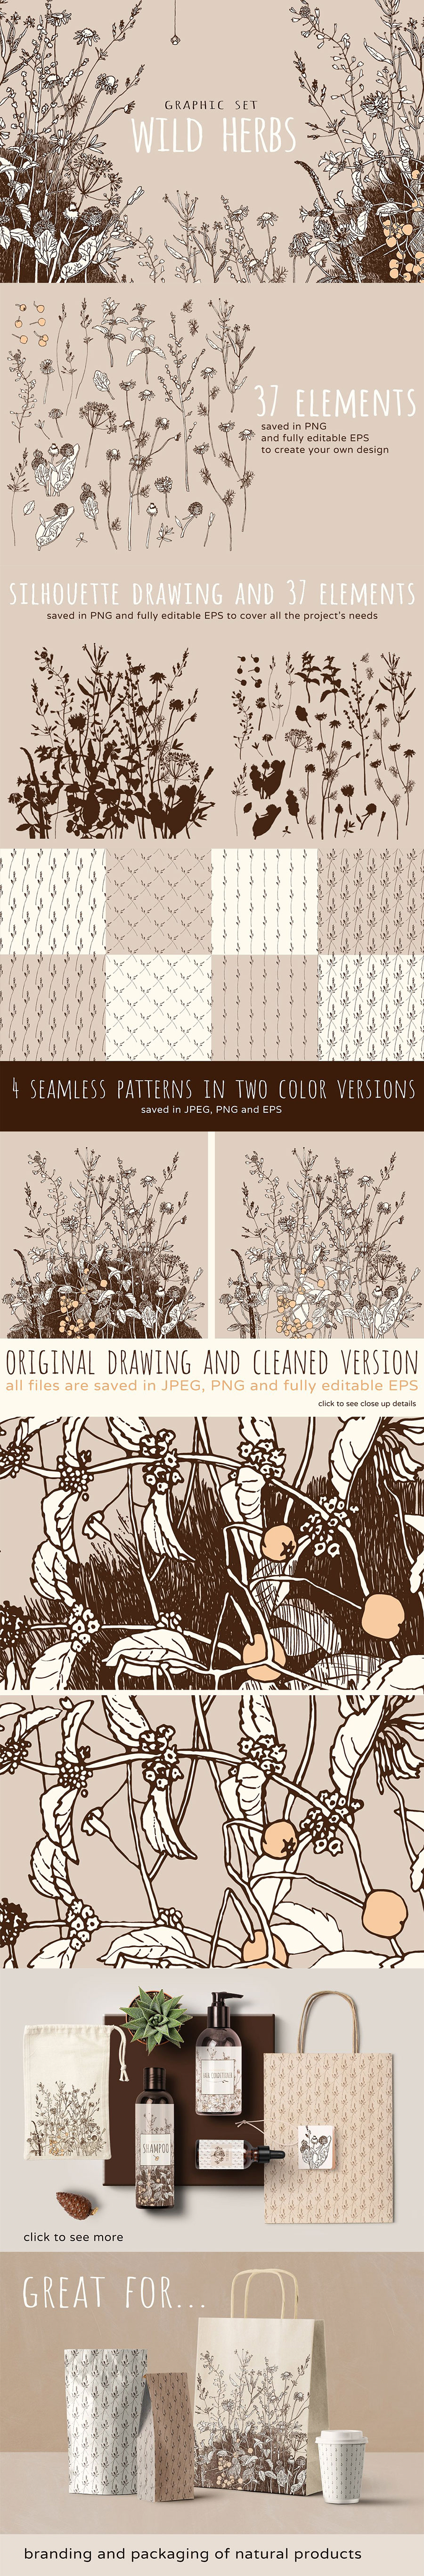 漂亮素雅的花卉矢量图案下载[EPS]设计素材模板